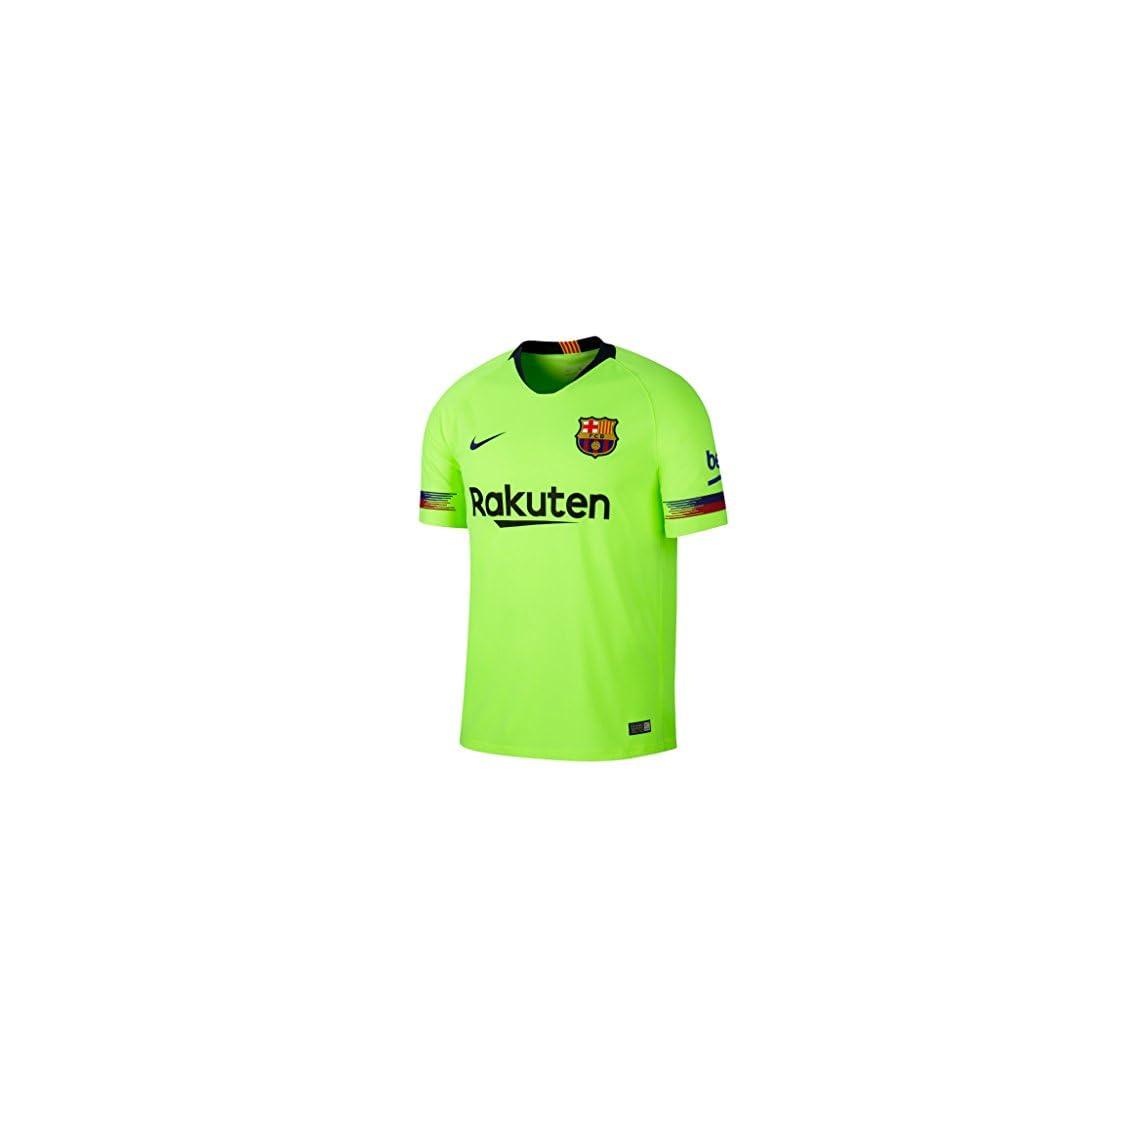 Nike 2018 19 FC Barcelona Stadium Away – Camiseta de fútbol para Hombre 90e1f286dfa